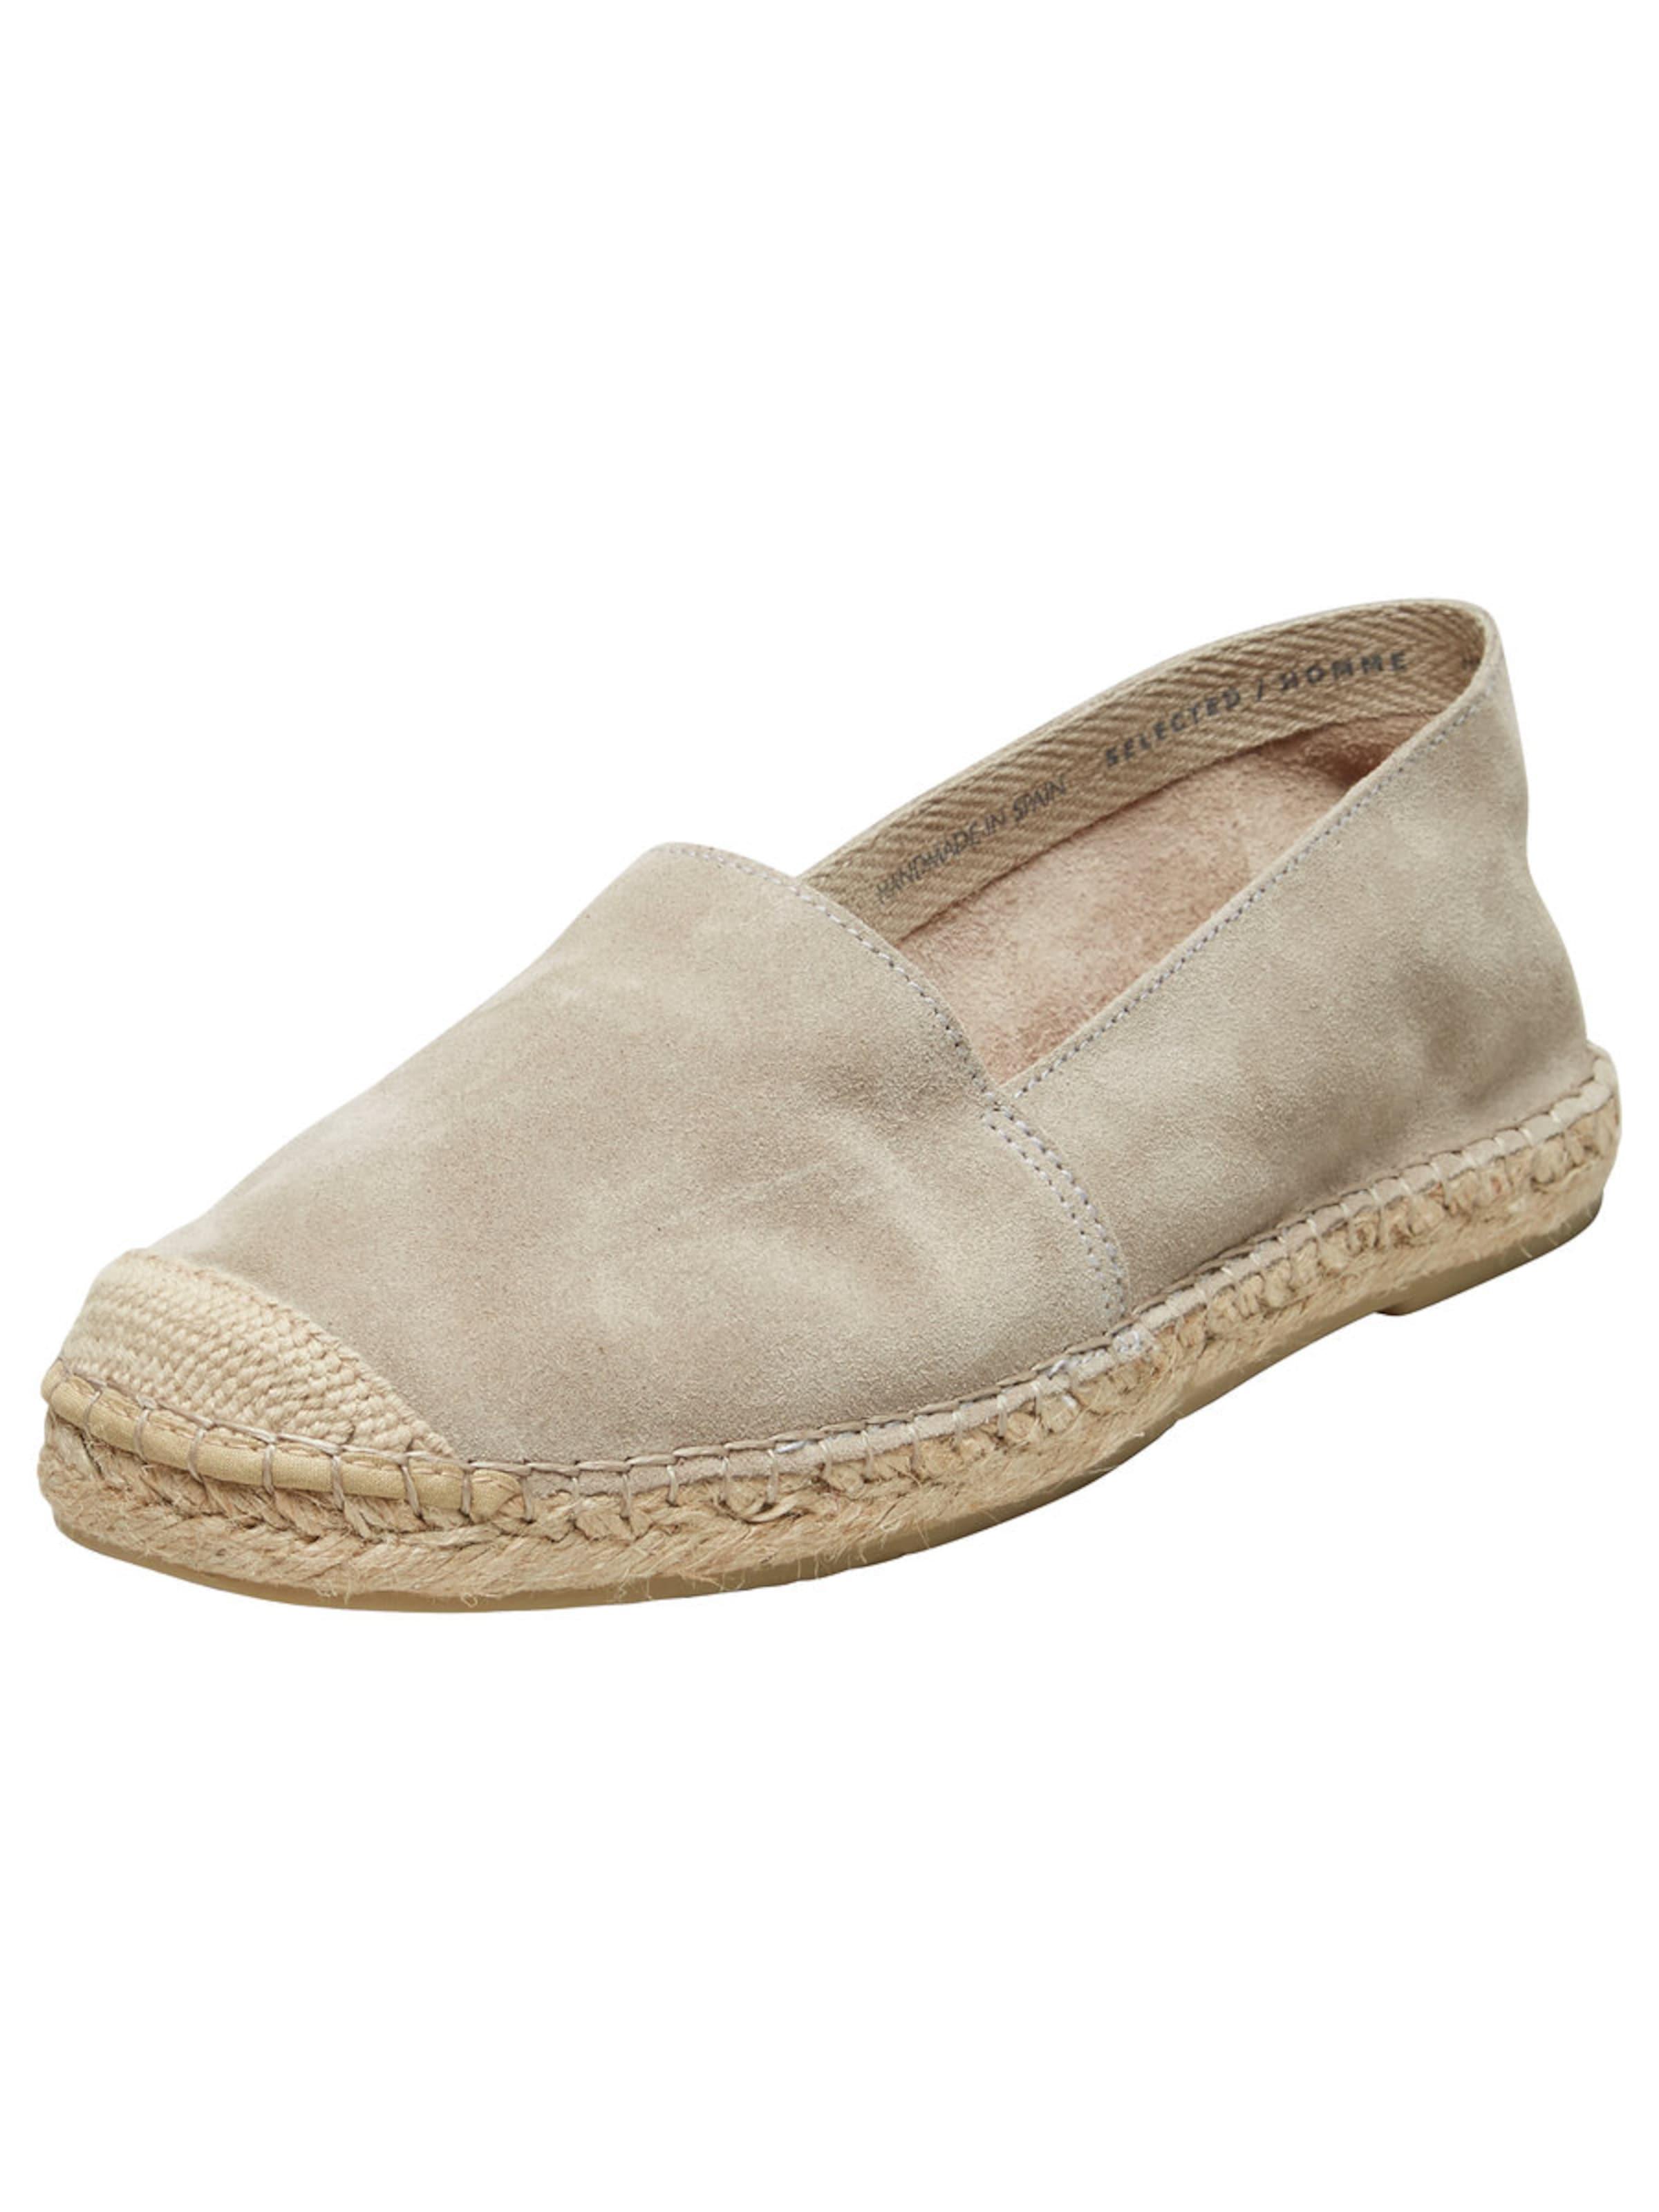 SELECTED HOMME Espadrilles Günstige und langlebige Schuhe